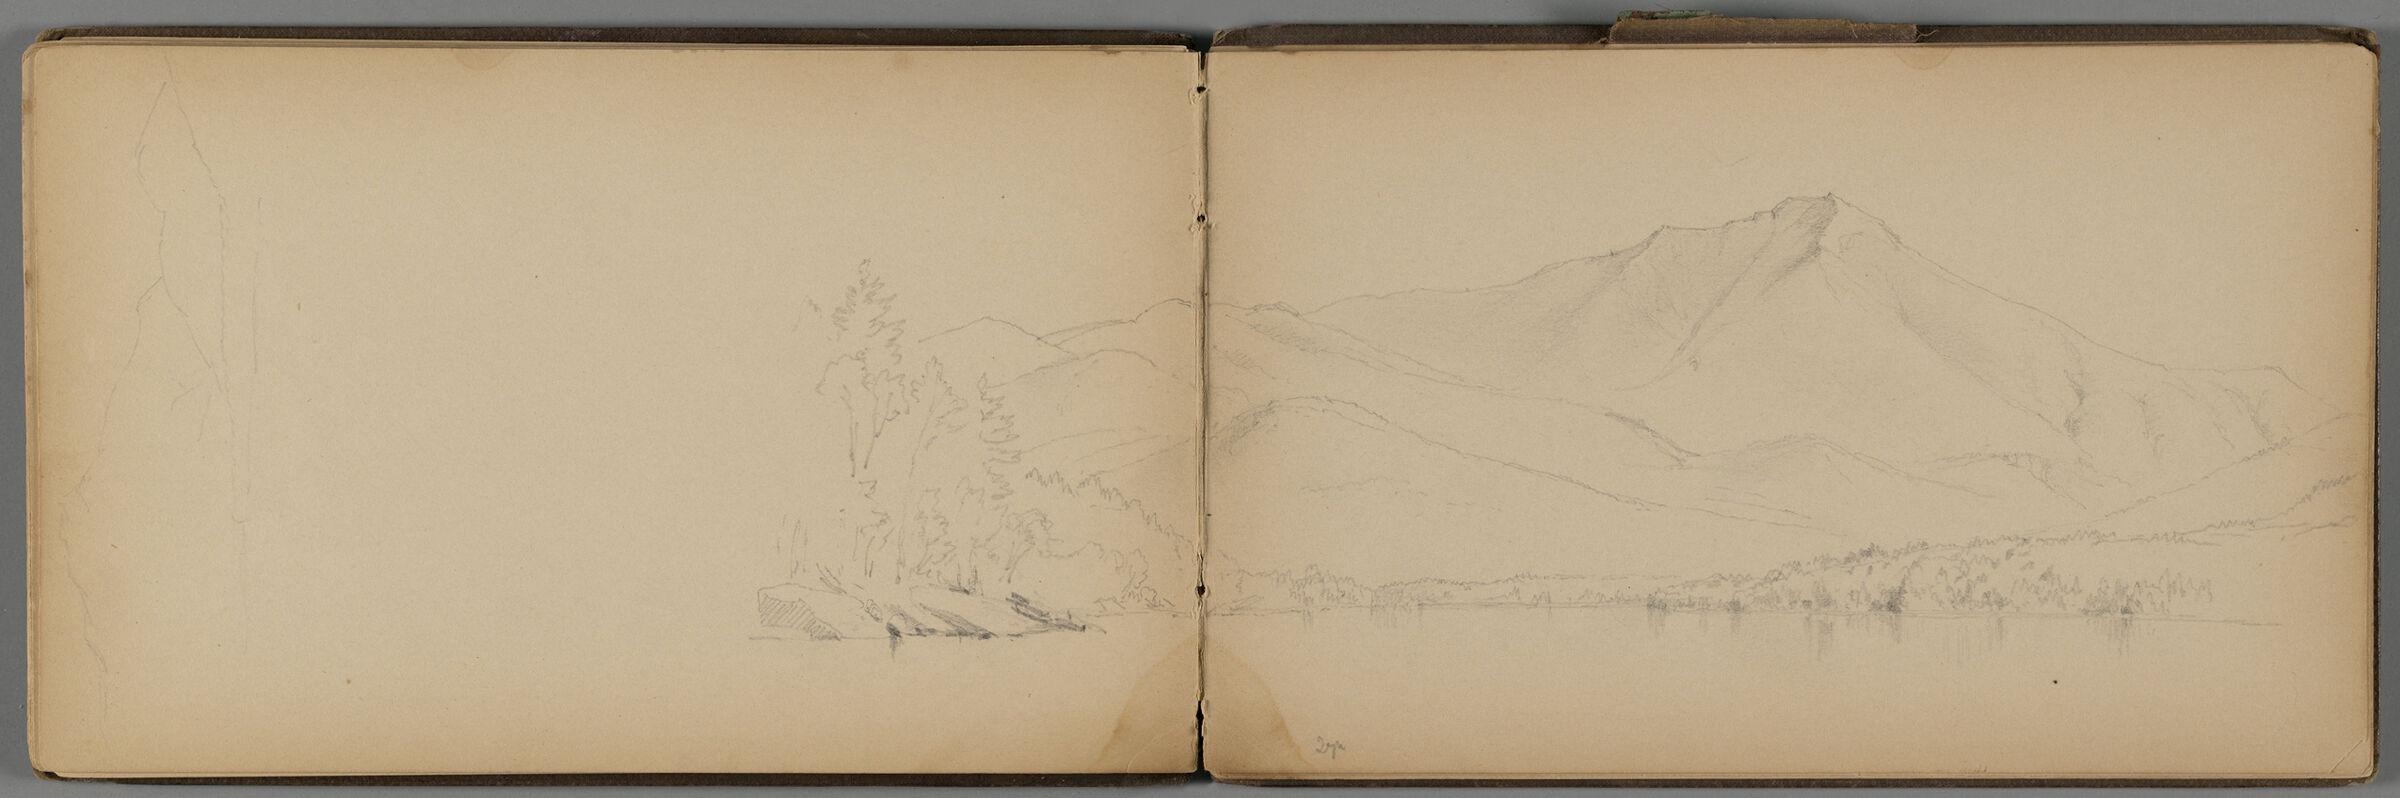 Partial Mountain Landscape; Verso: Rocky Outcropping, Whiteface Mountain